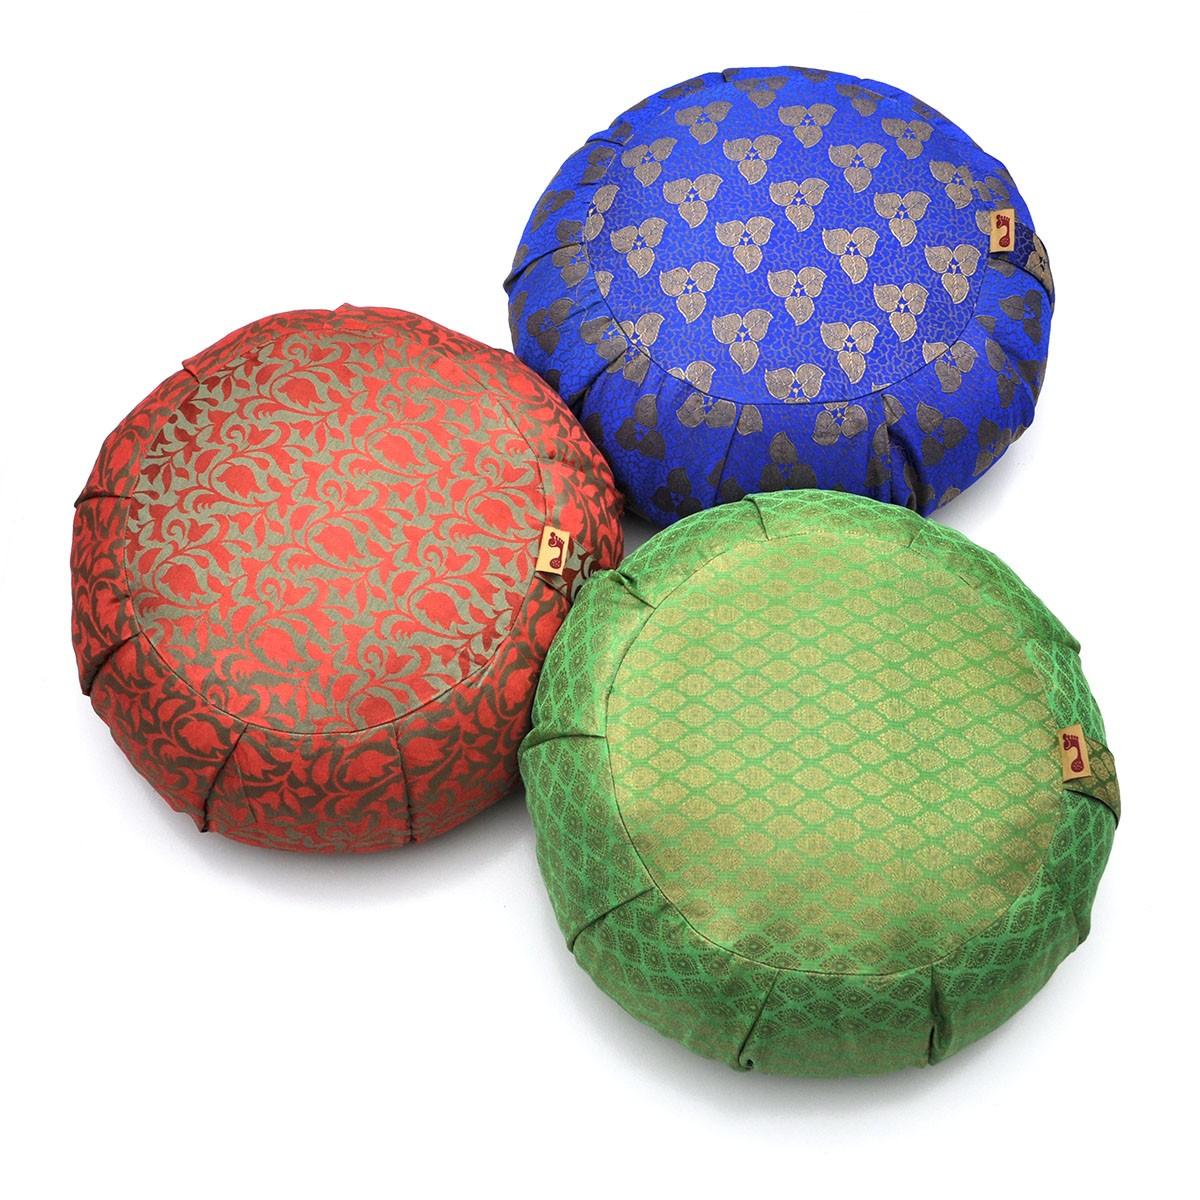 Sari Pattern Zafu Meditation Cushion